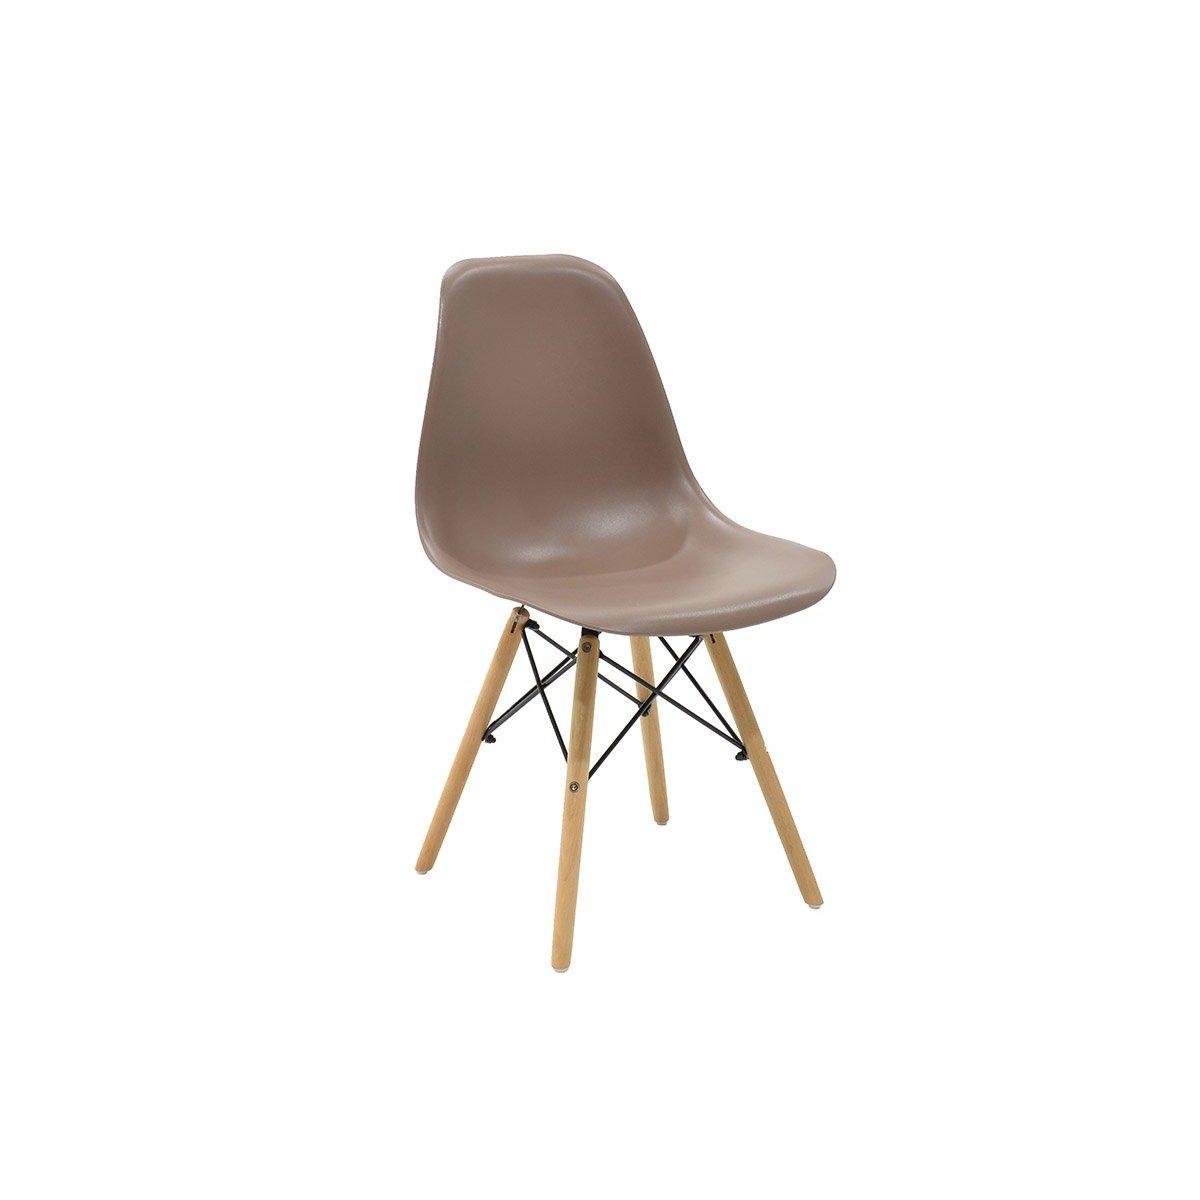 """Καρέκλα """"MALTA"""" από μασίφ ξύλο σε χρώμα μόκα 51x47x81"""